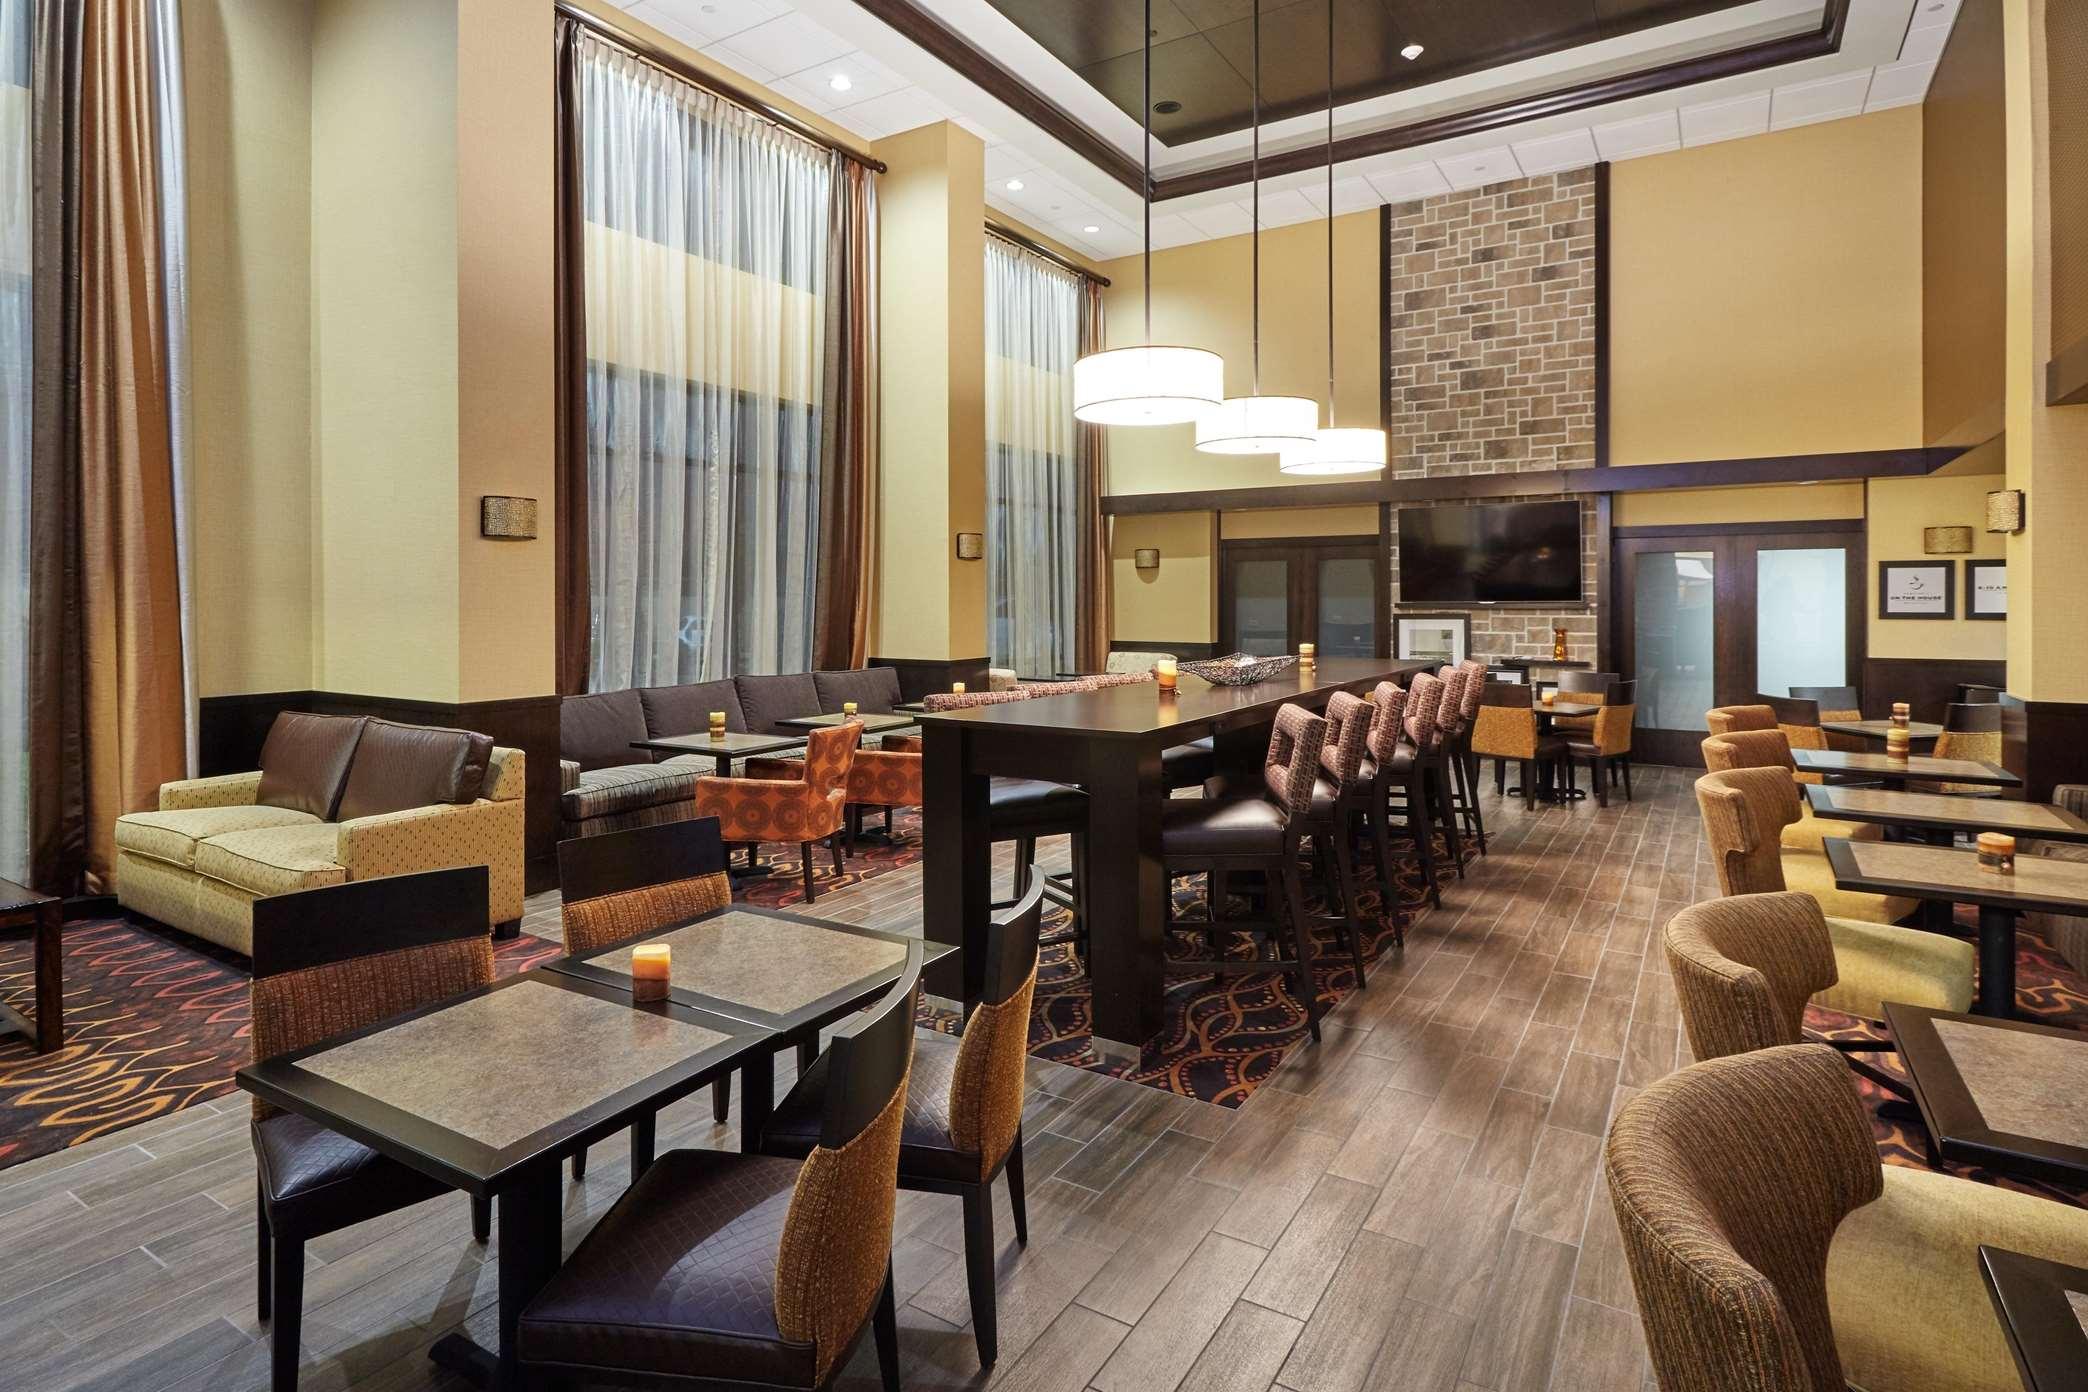 Hampton Inn & Suites Milwaukee/Franklin image 1